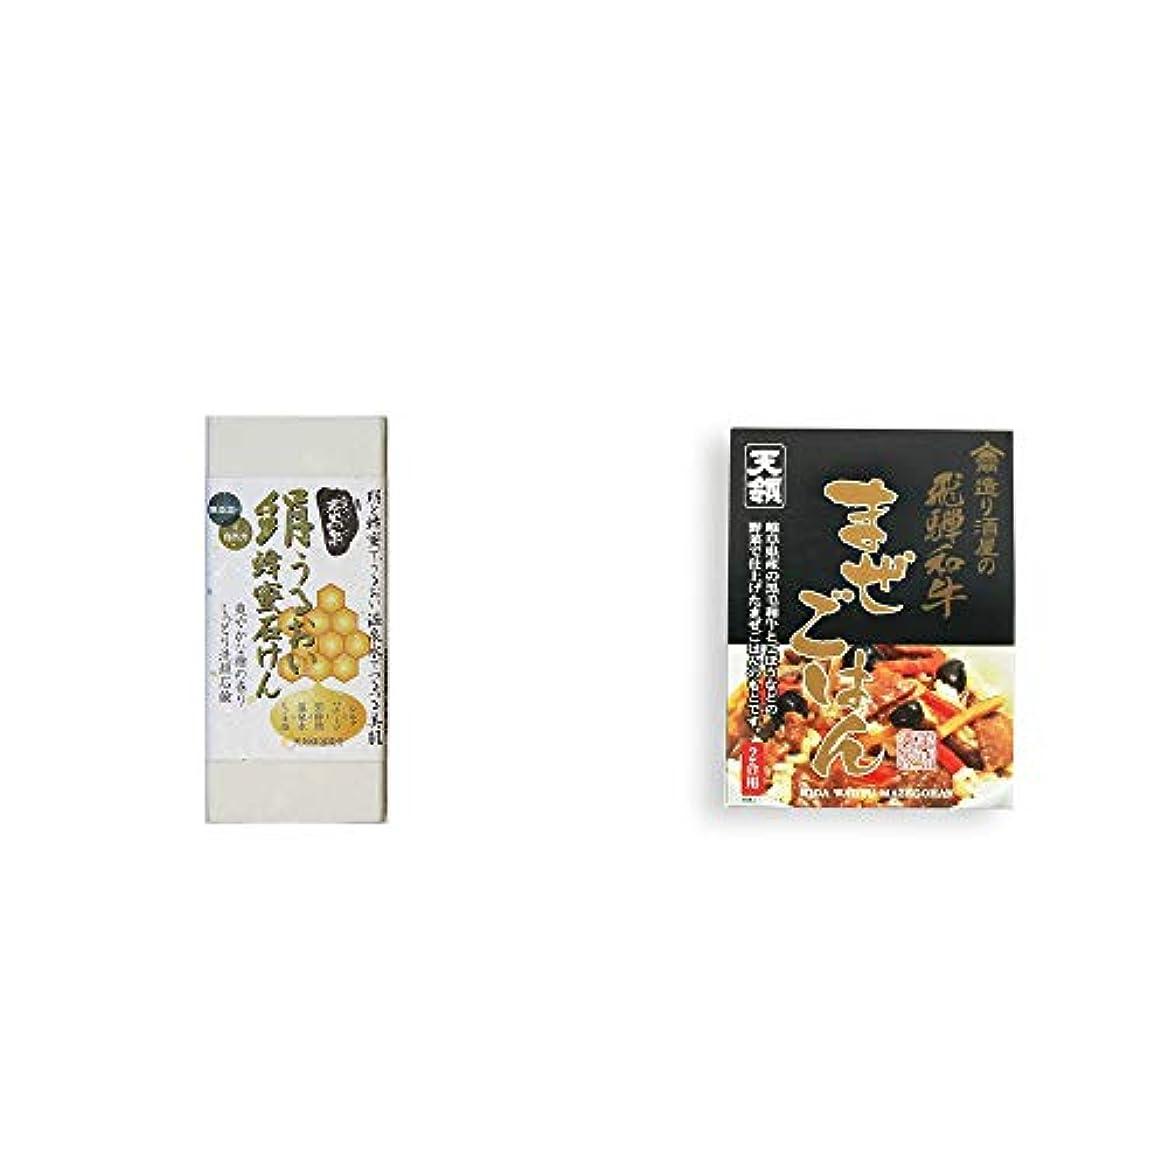 煙月面コンテンツ[2点セット] ひのき炭黒泉 絹うるおい蜂蜜石けん(75g×2)?天領酒造 飛騨和牛まぜごはん(170g)